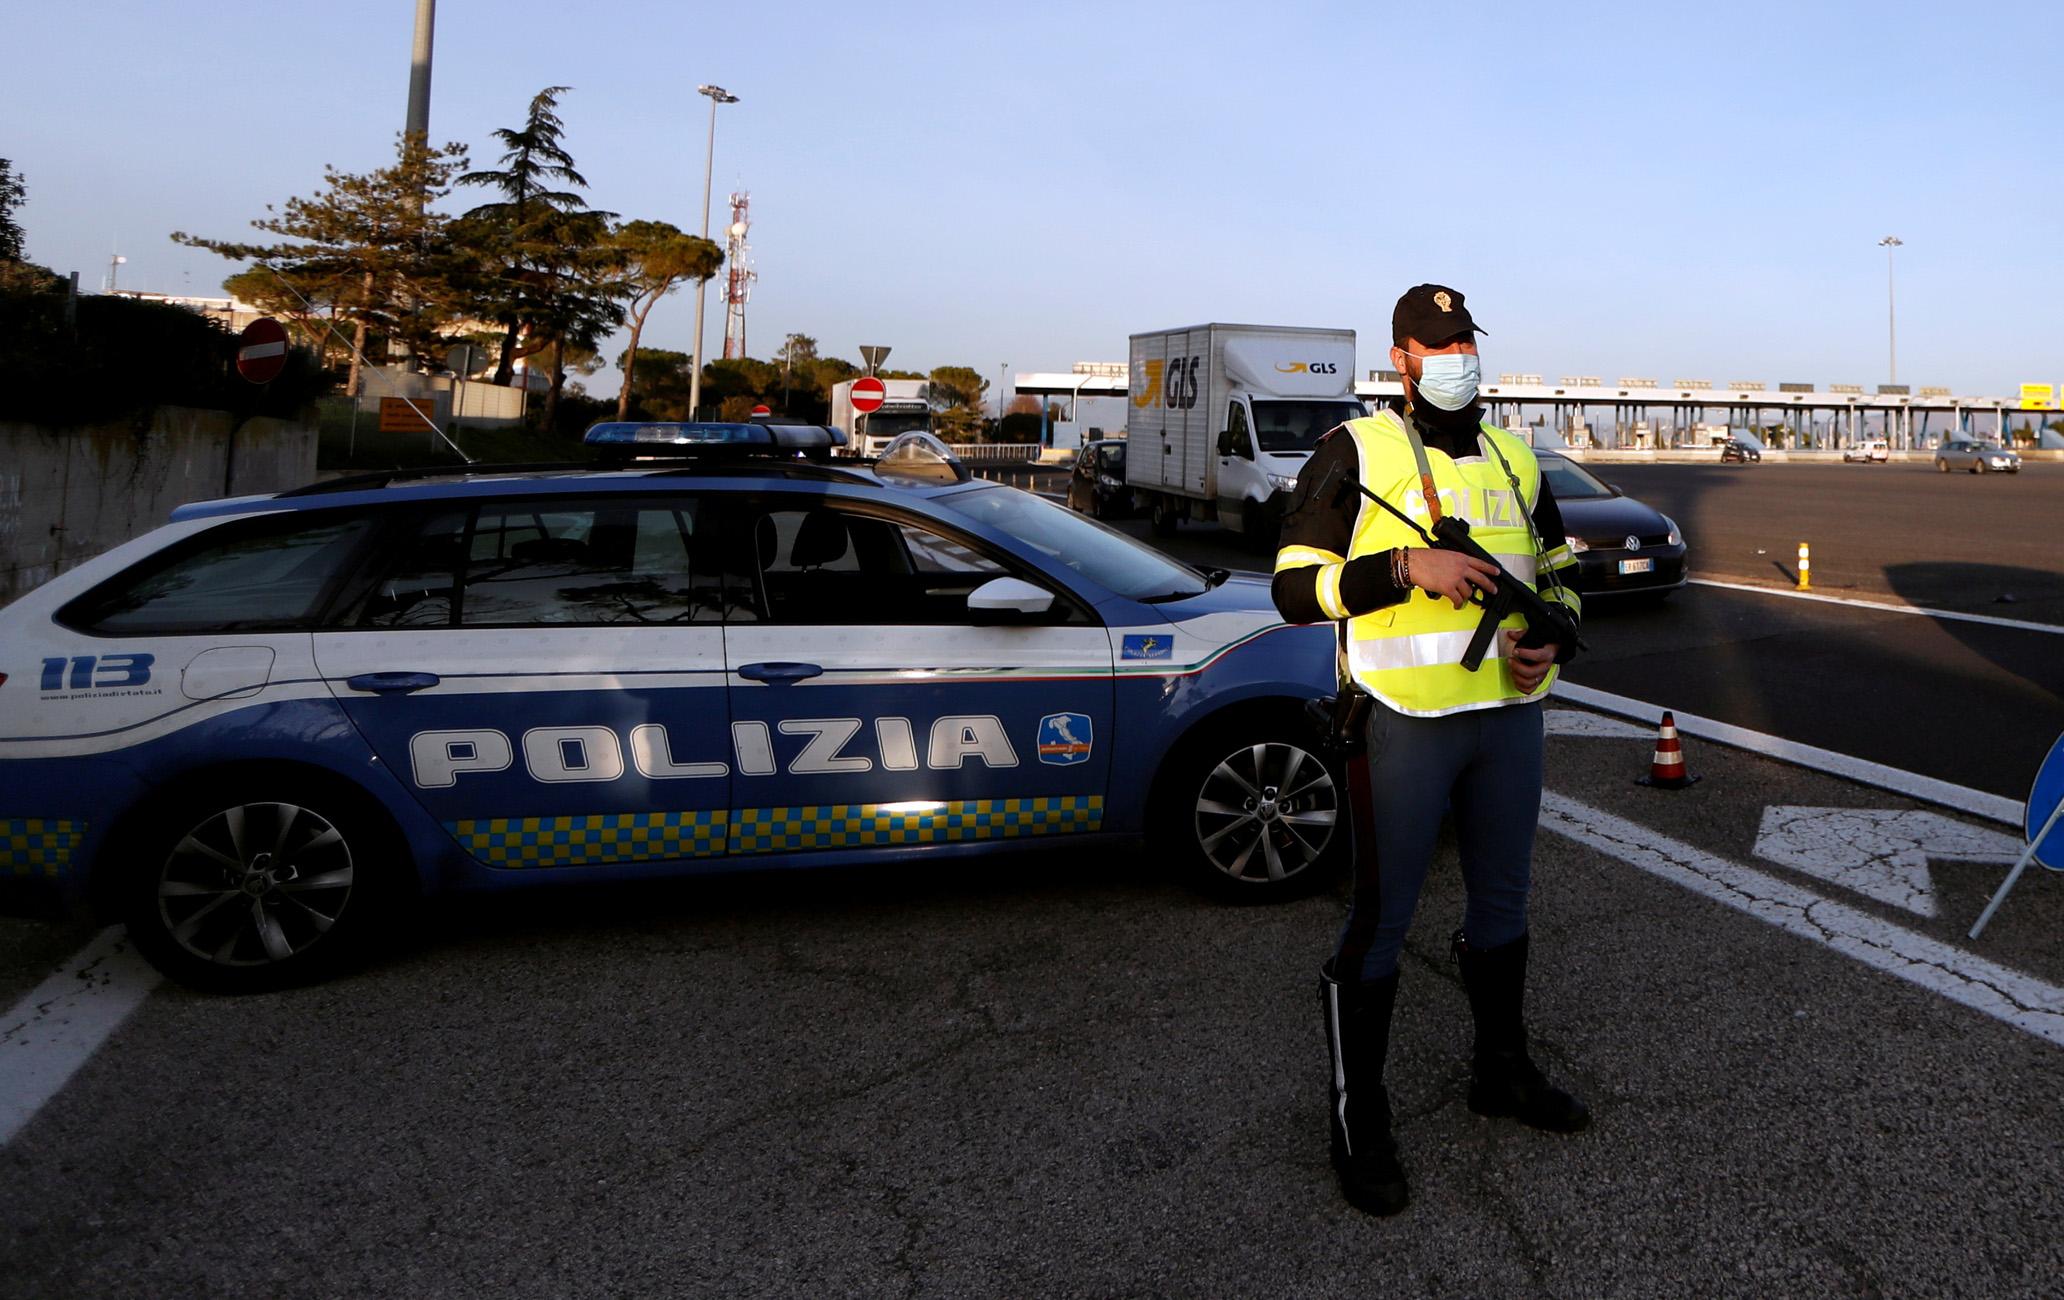 Ιταλία: Χάρη σε μια γιαγιά εξαρθρώθηκε μαφιόζικο δίκτυο διακίνησης ναρκωτικών